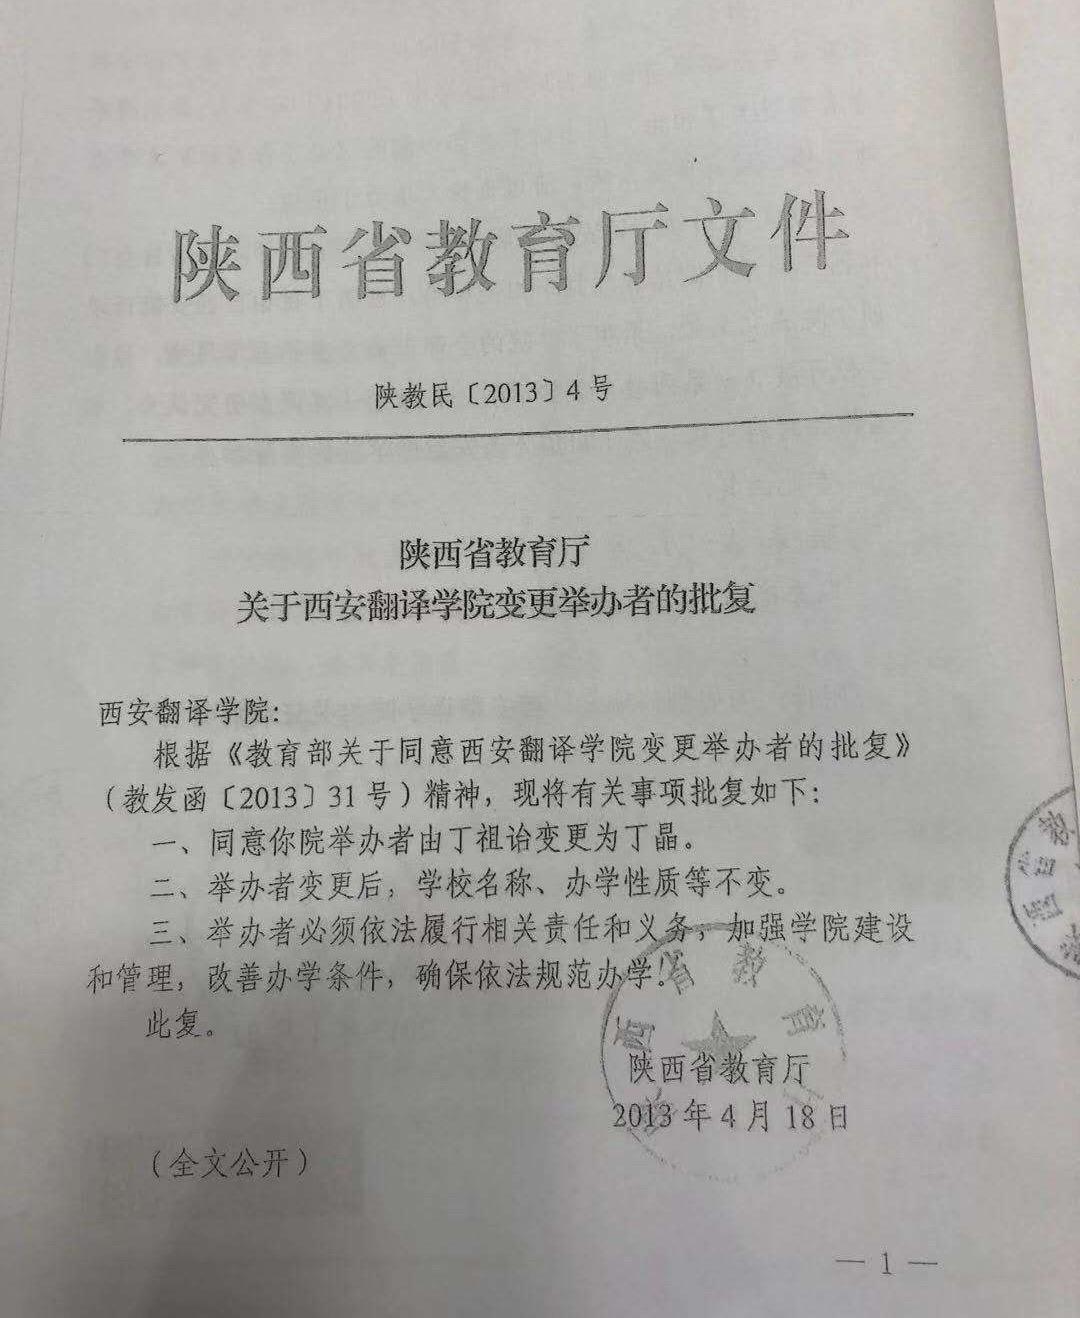 """【彩乐园2进入dsn292com】_西安翻译学院""""继承风波""""升级:举办者之争涉事双方均已报案"""